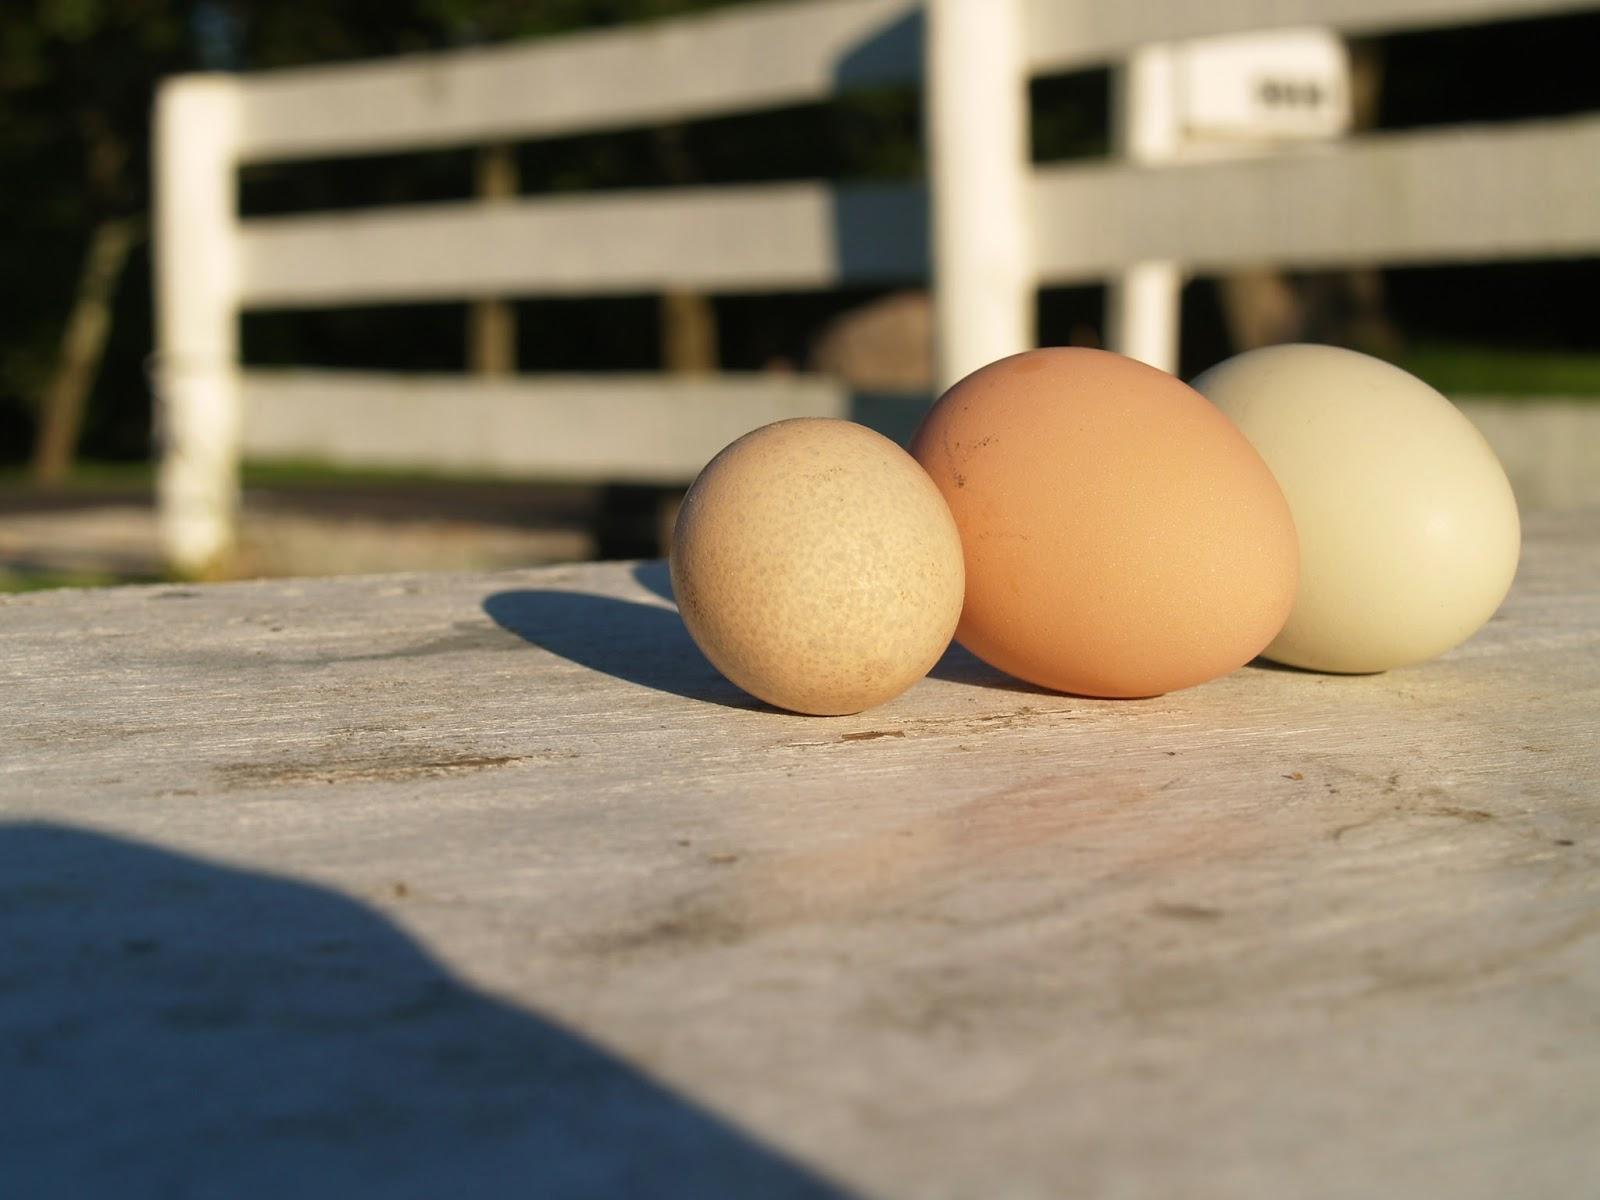 guinea egg vs chicken egg